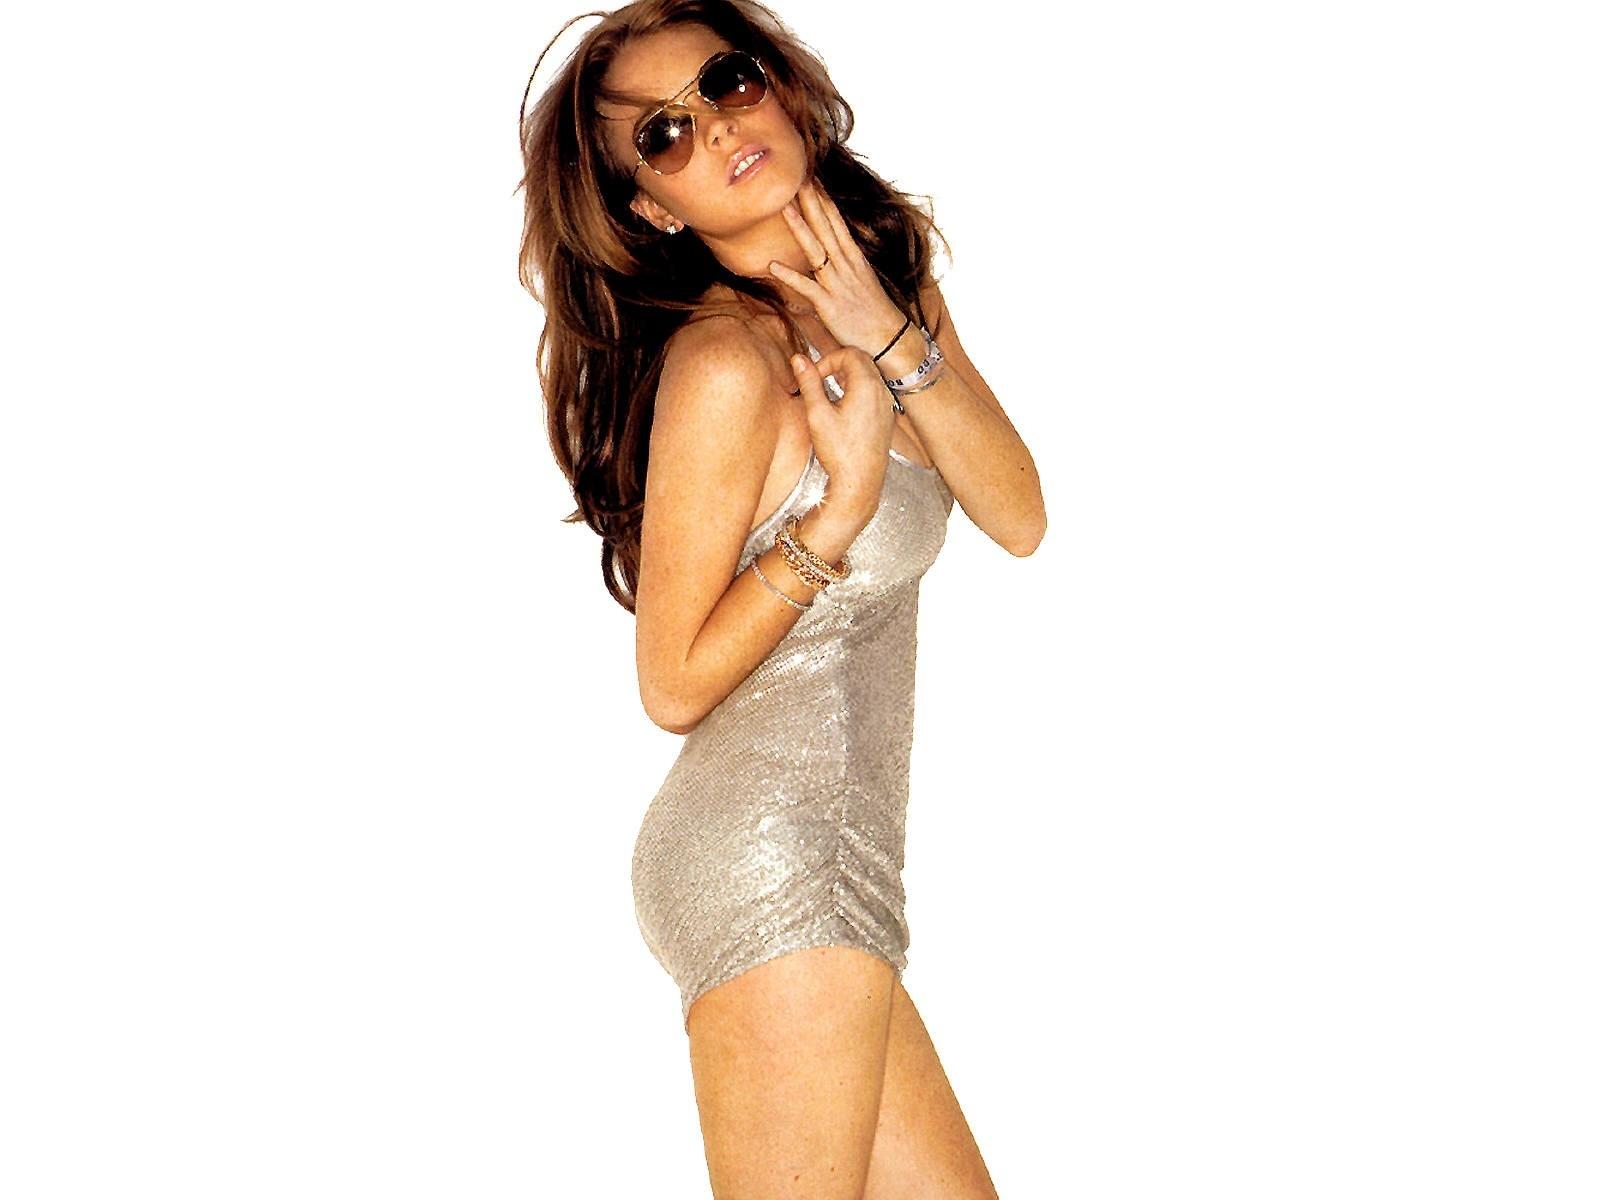 Wallpaper di Lindsay Lohan, icona sexy del gossip americano